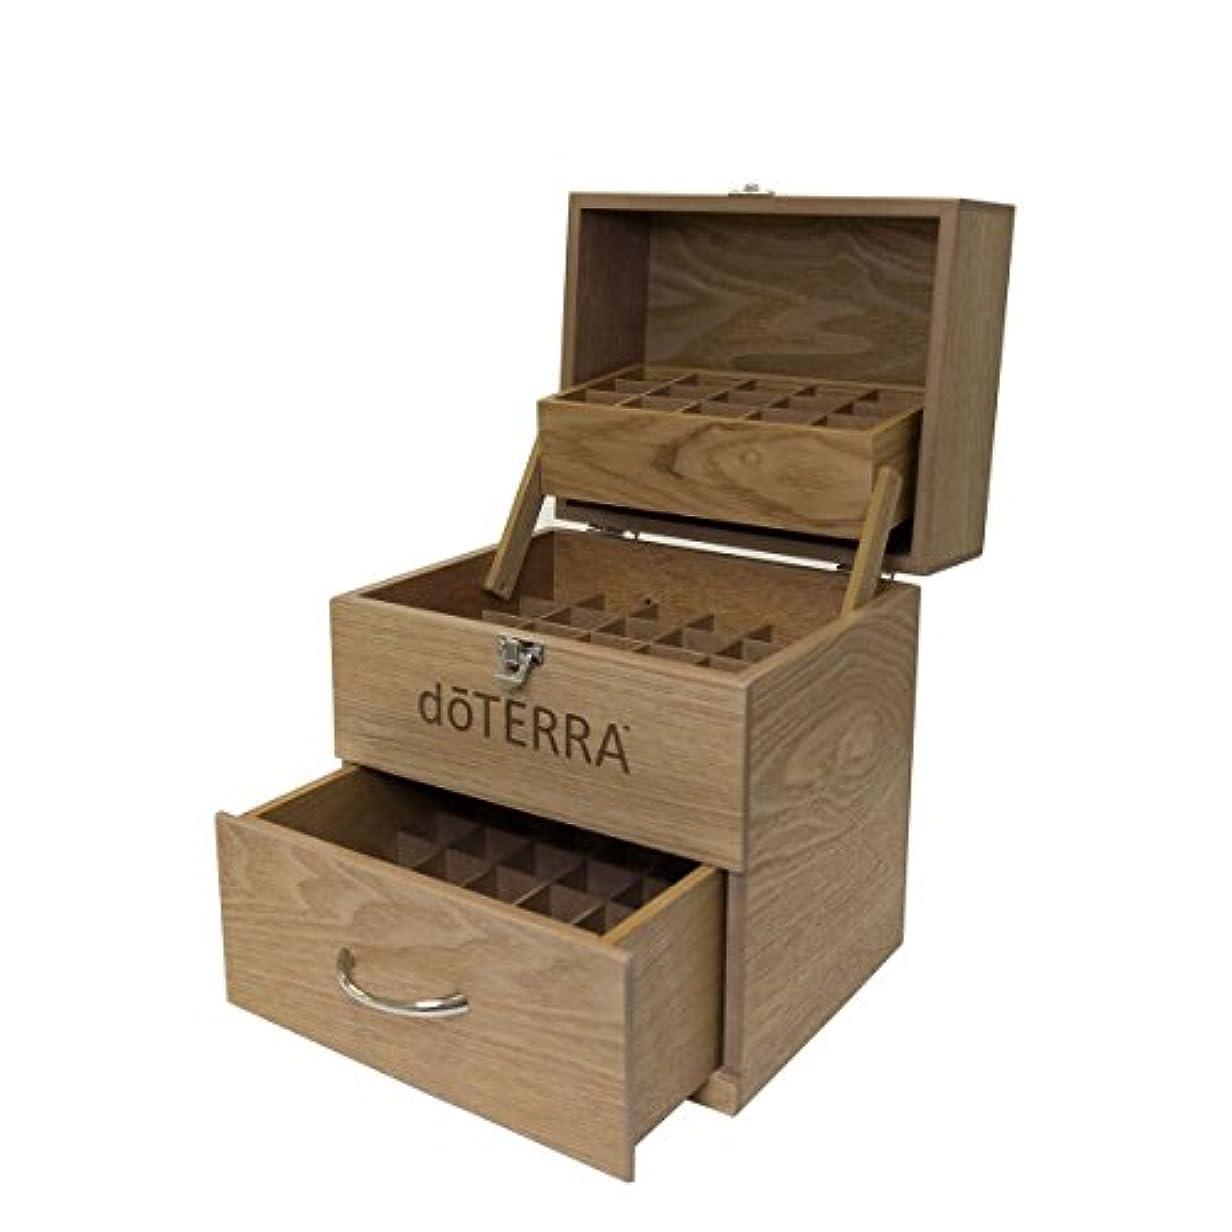 宗教絞る地図(ドテラ) doTERRA ウッドボックス ライトブラウン 窓付き 木箱 エッセンシャルオイル 精油 整理箱 3段ボックス 75本